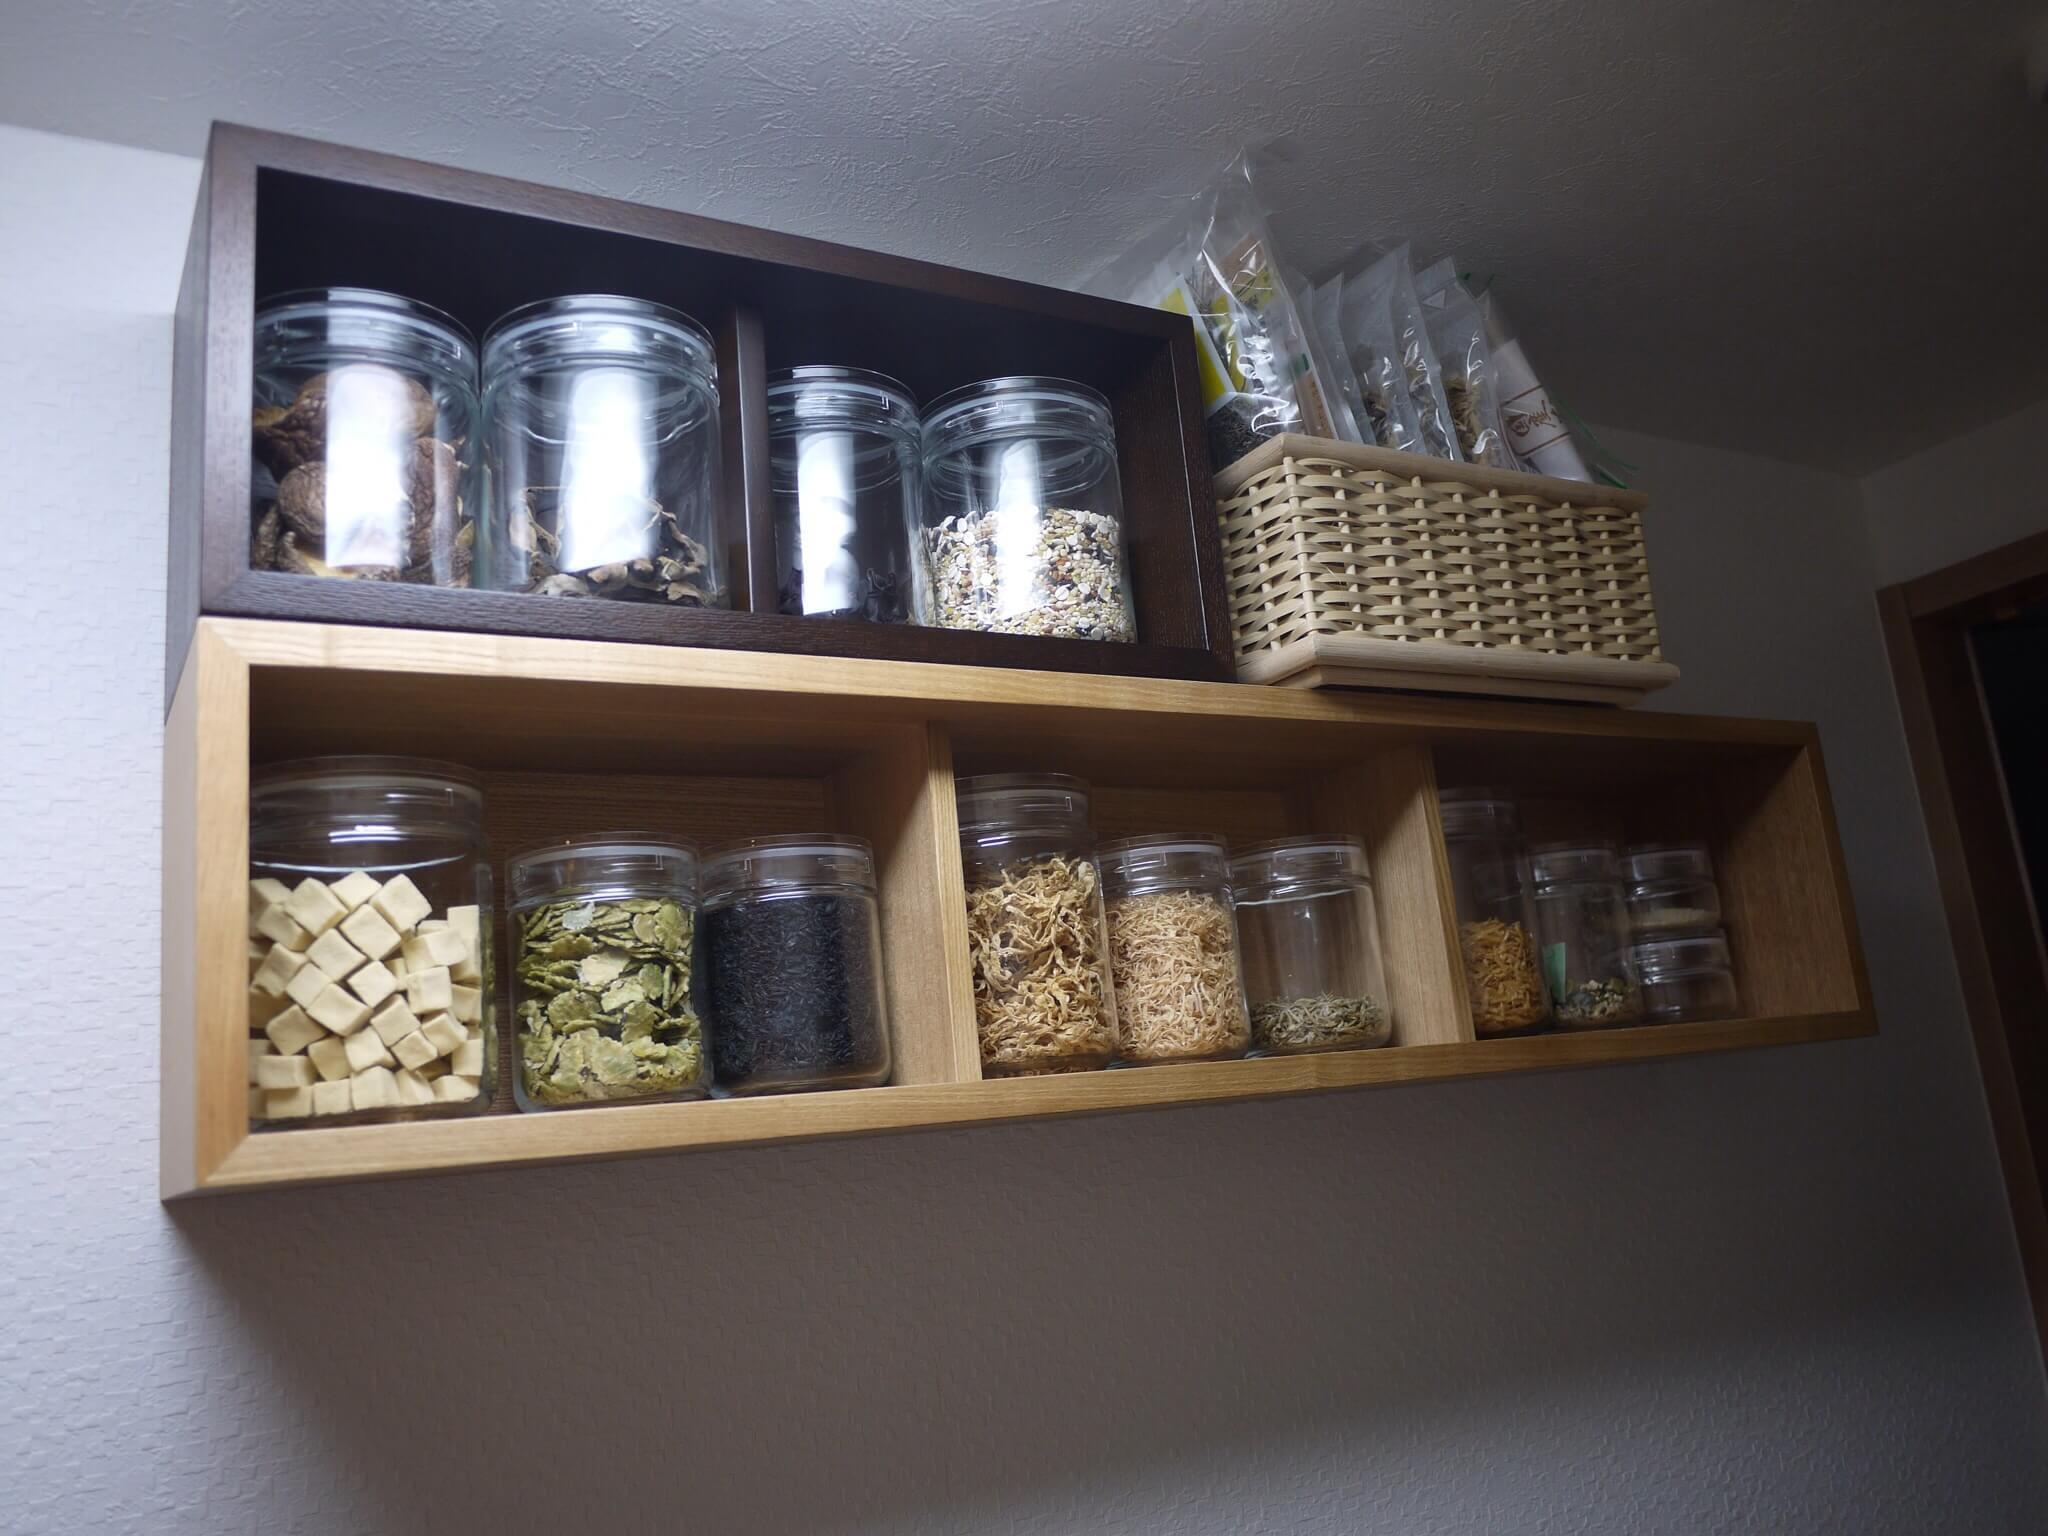 無印良品の壁に付けられる家具が便利!乾物用の棚を作った。